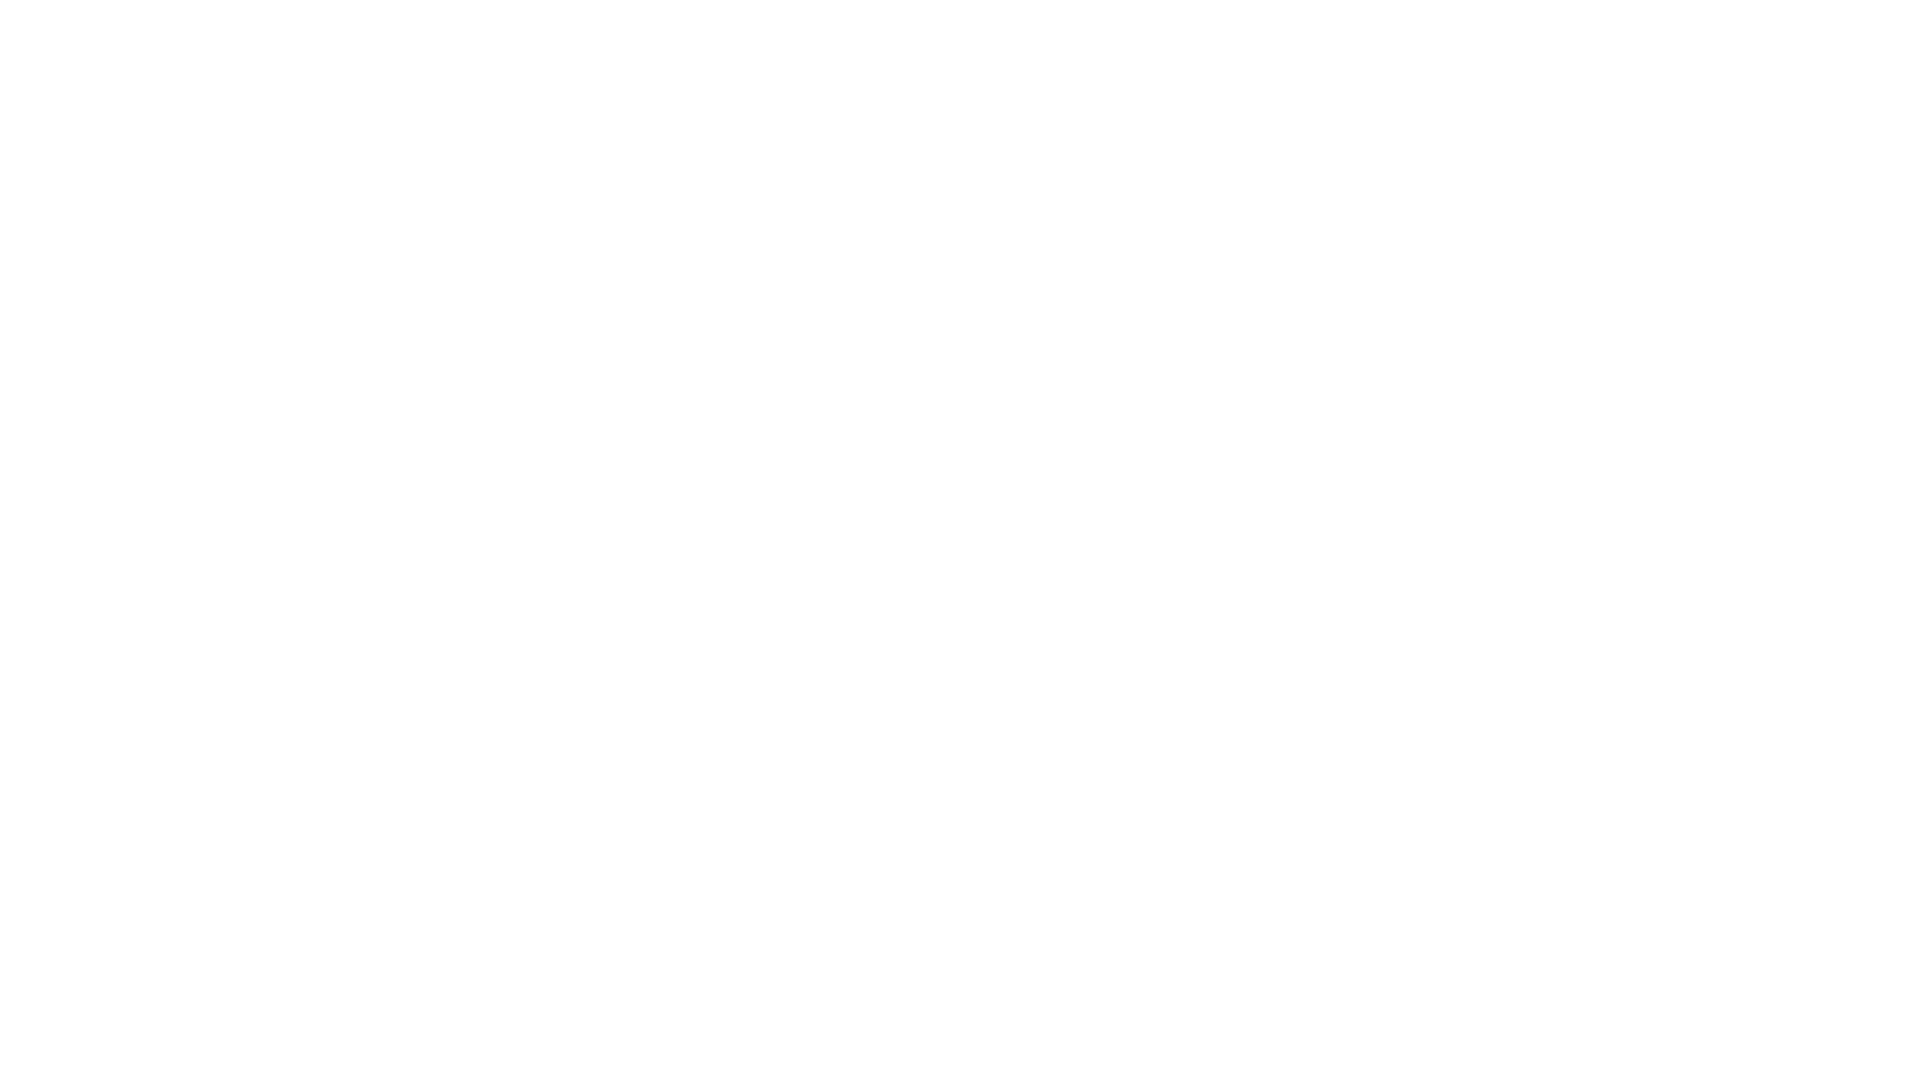 Thomas More